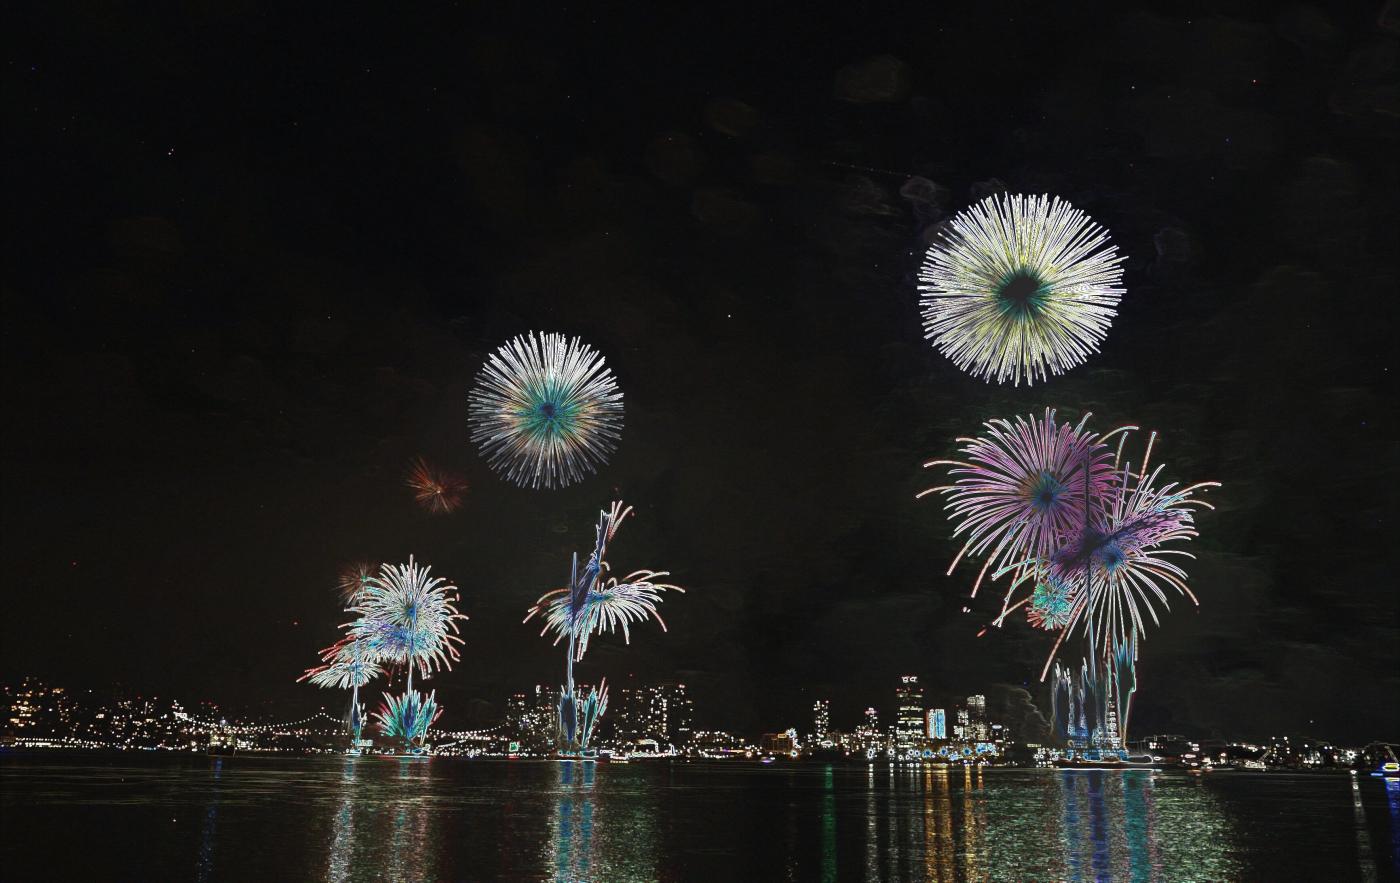 【田螺摄影】记录拍摄2017美国烟火秀_图1-29